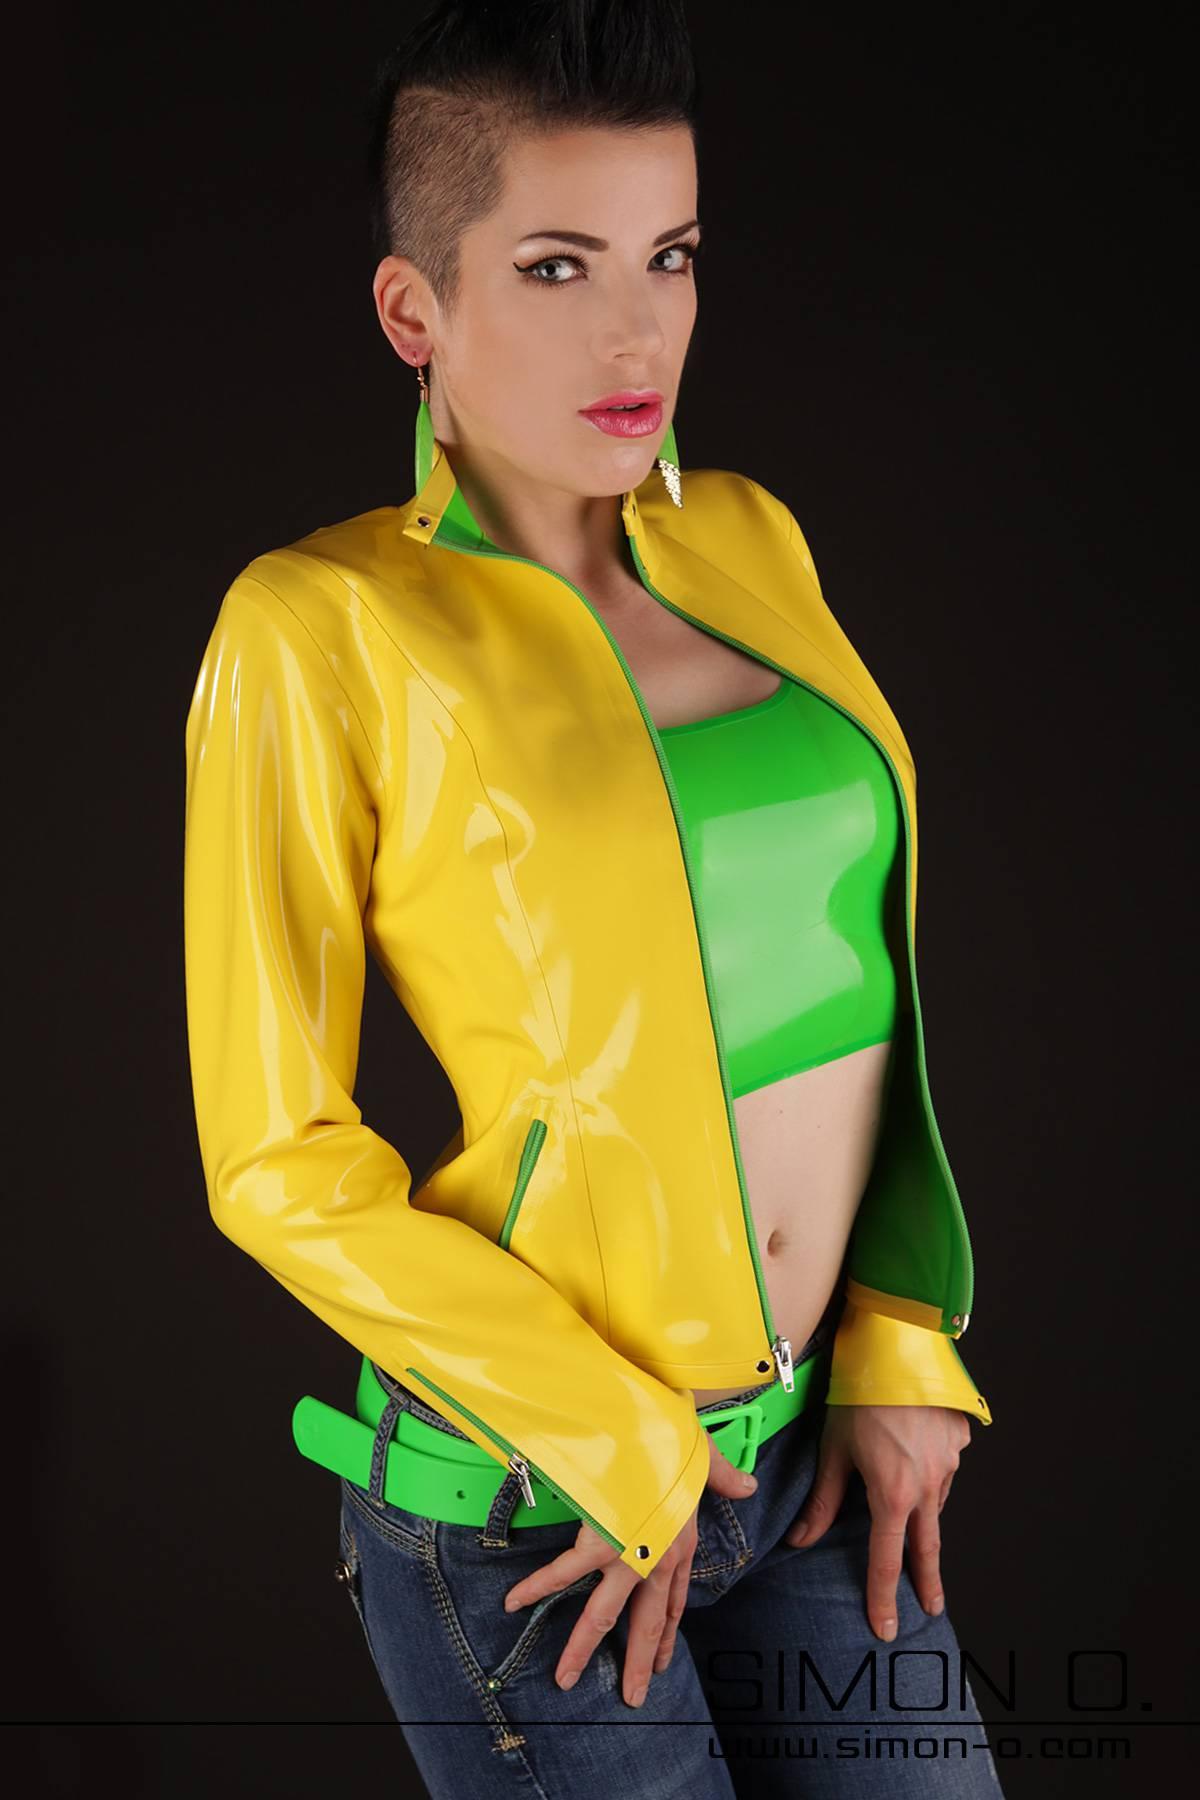 Eine Frau mit einer gelben Latex Jacke. Darunter trägt sie ein Latex Top